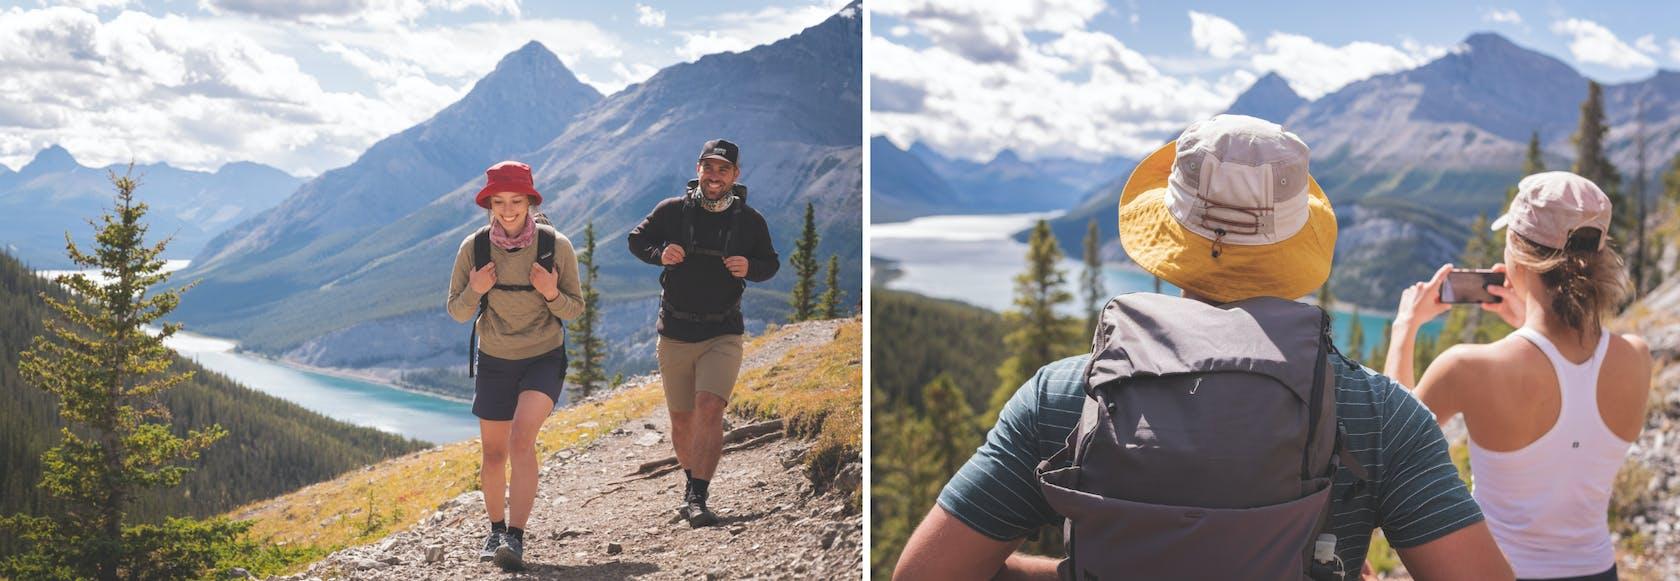 Buff shop online - Accessori trekking per testa e collo